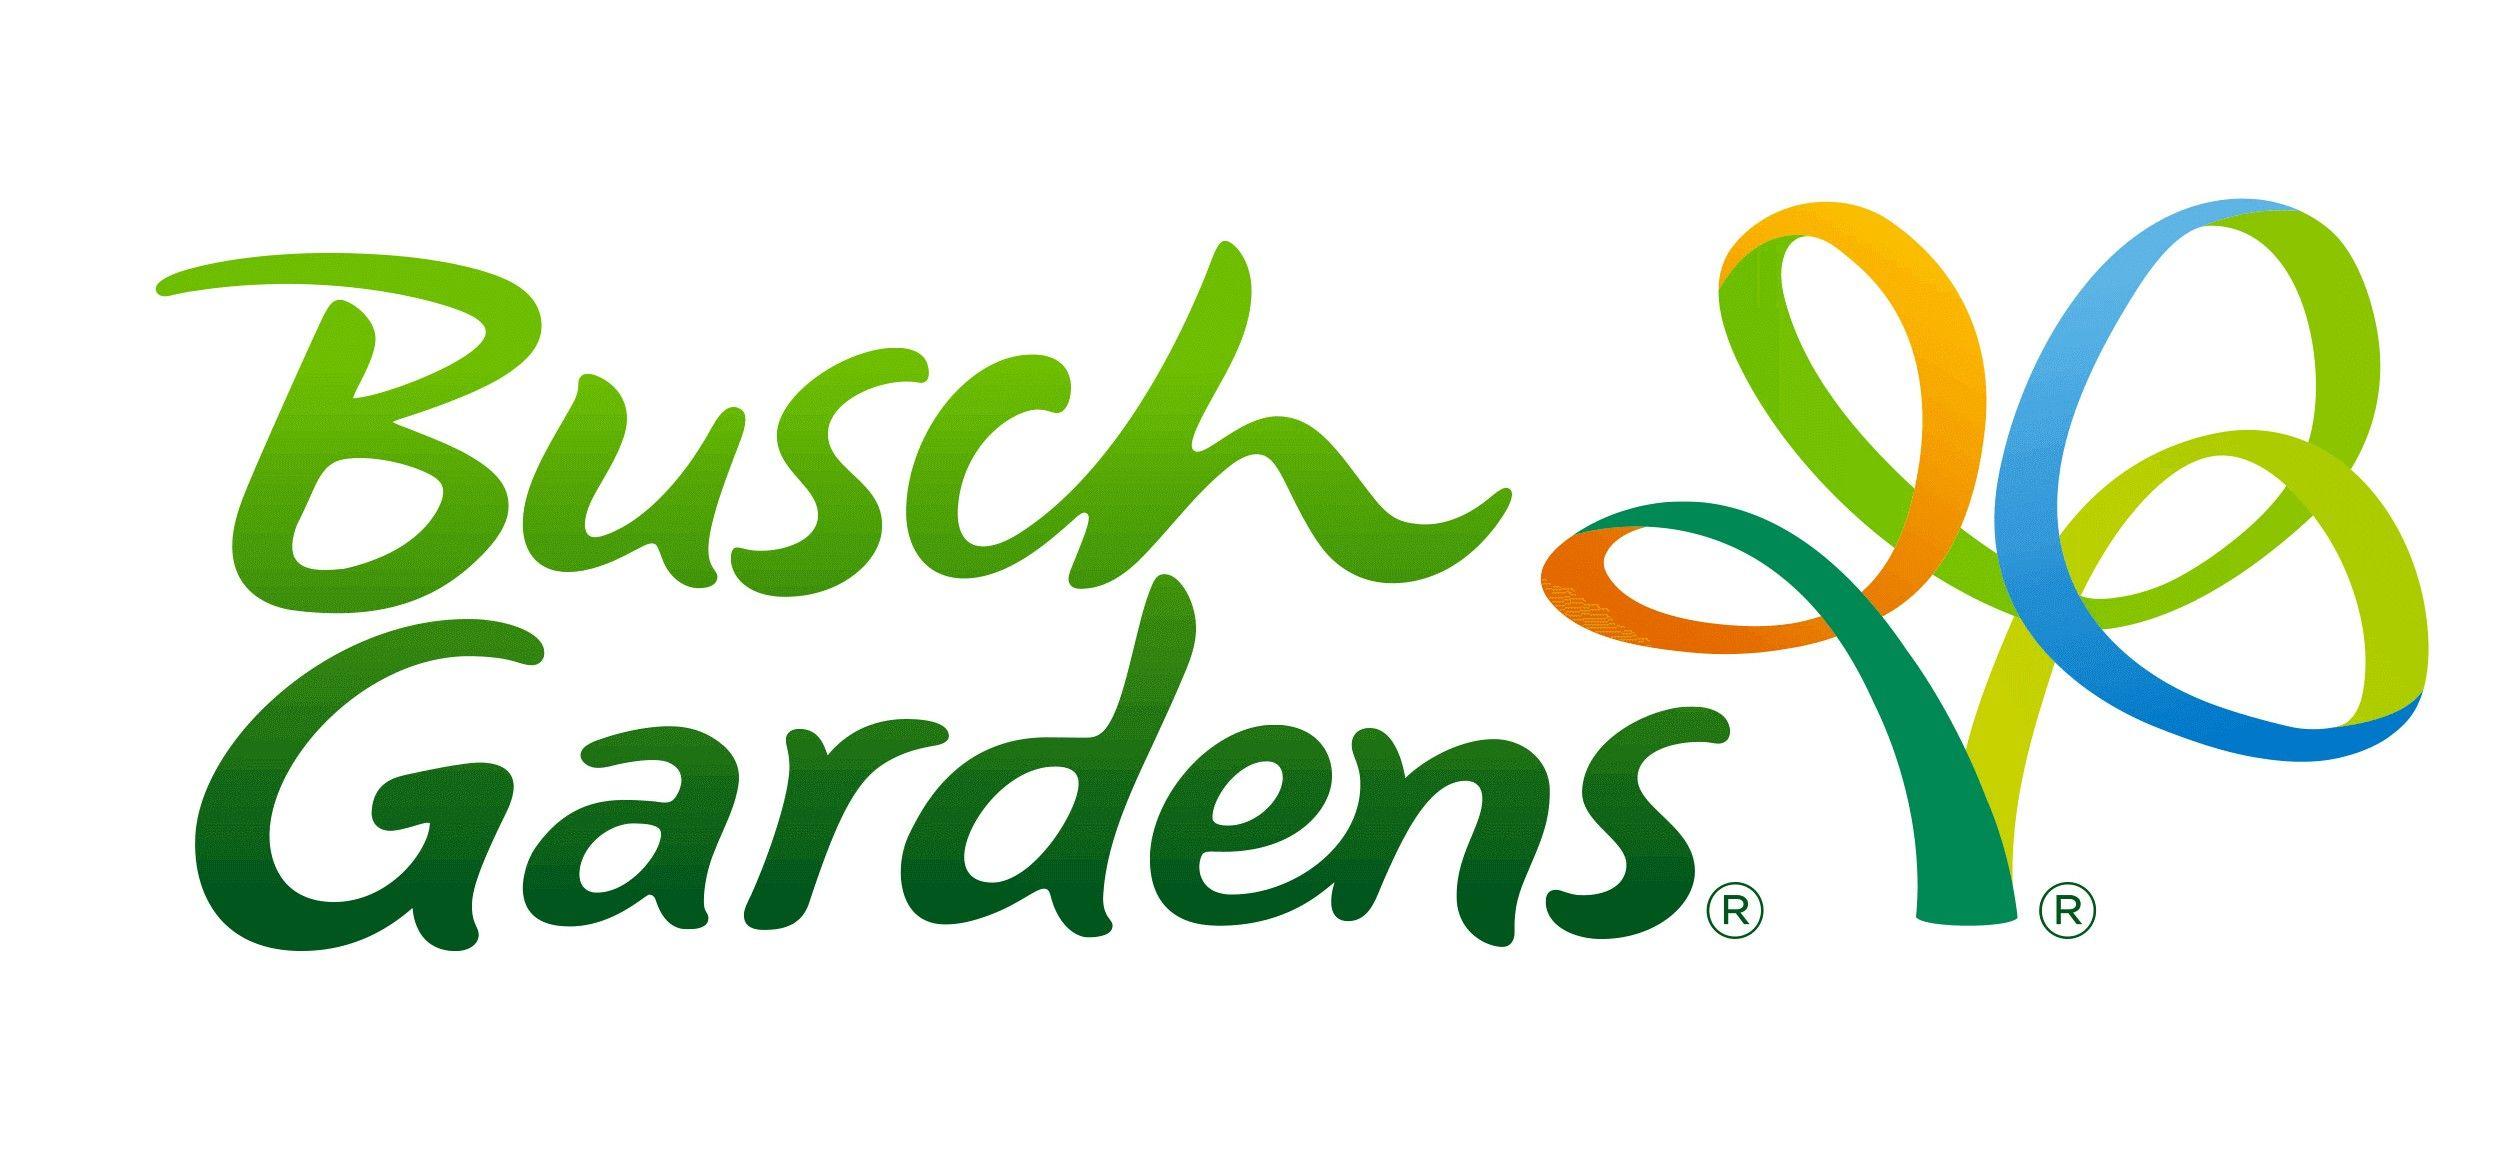 f4dbc5e73052ebf157cfc9942a928eb4 - Busch Gardens Two Park Fun Card